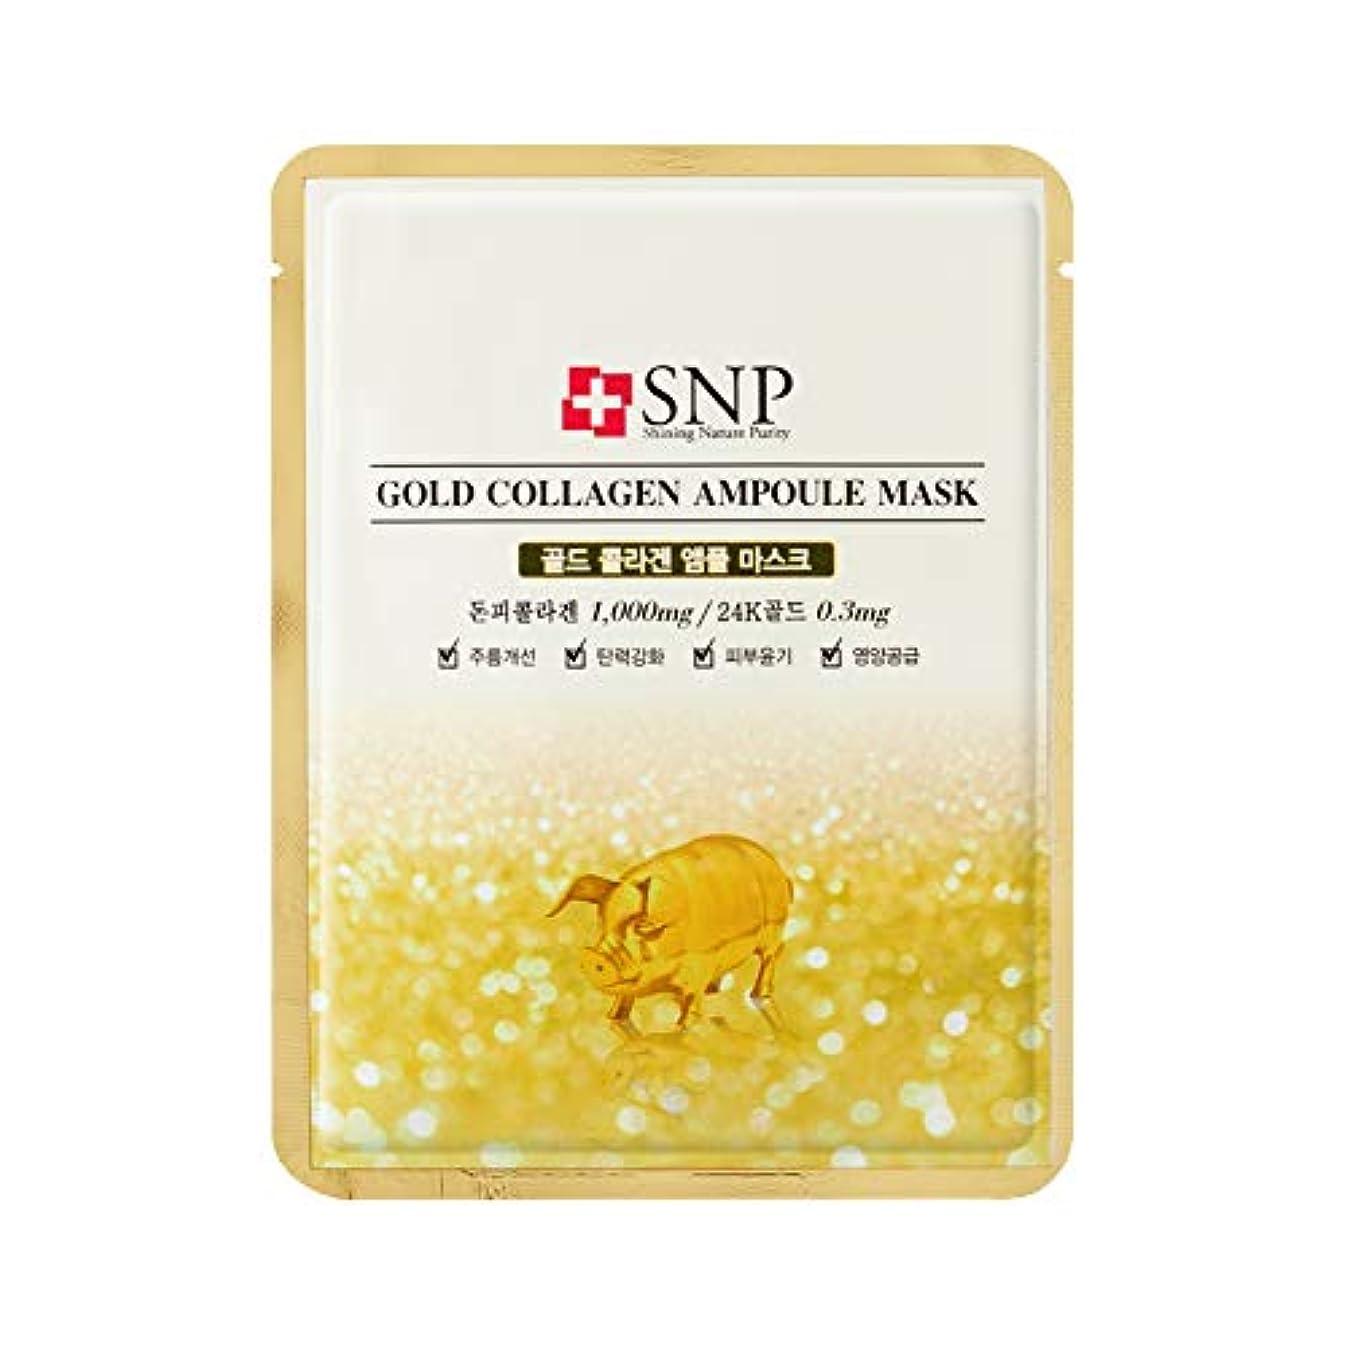 信念クリーナー昨日【SNP公式】ゴールドコラーゲンアンプルマスク10枚セット/Gold Collagen Ampoul Mask 25ml 韓国コスメ 韓国パック フェイスマスク マスクパック 保湿